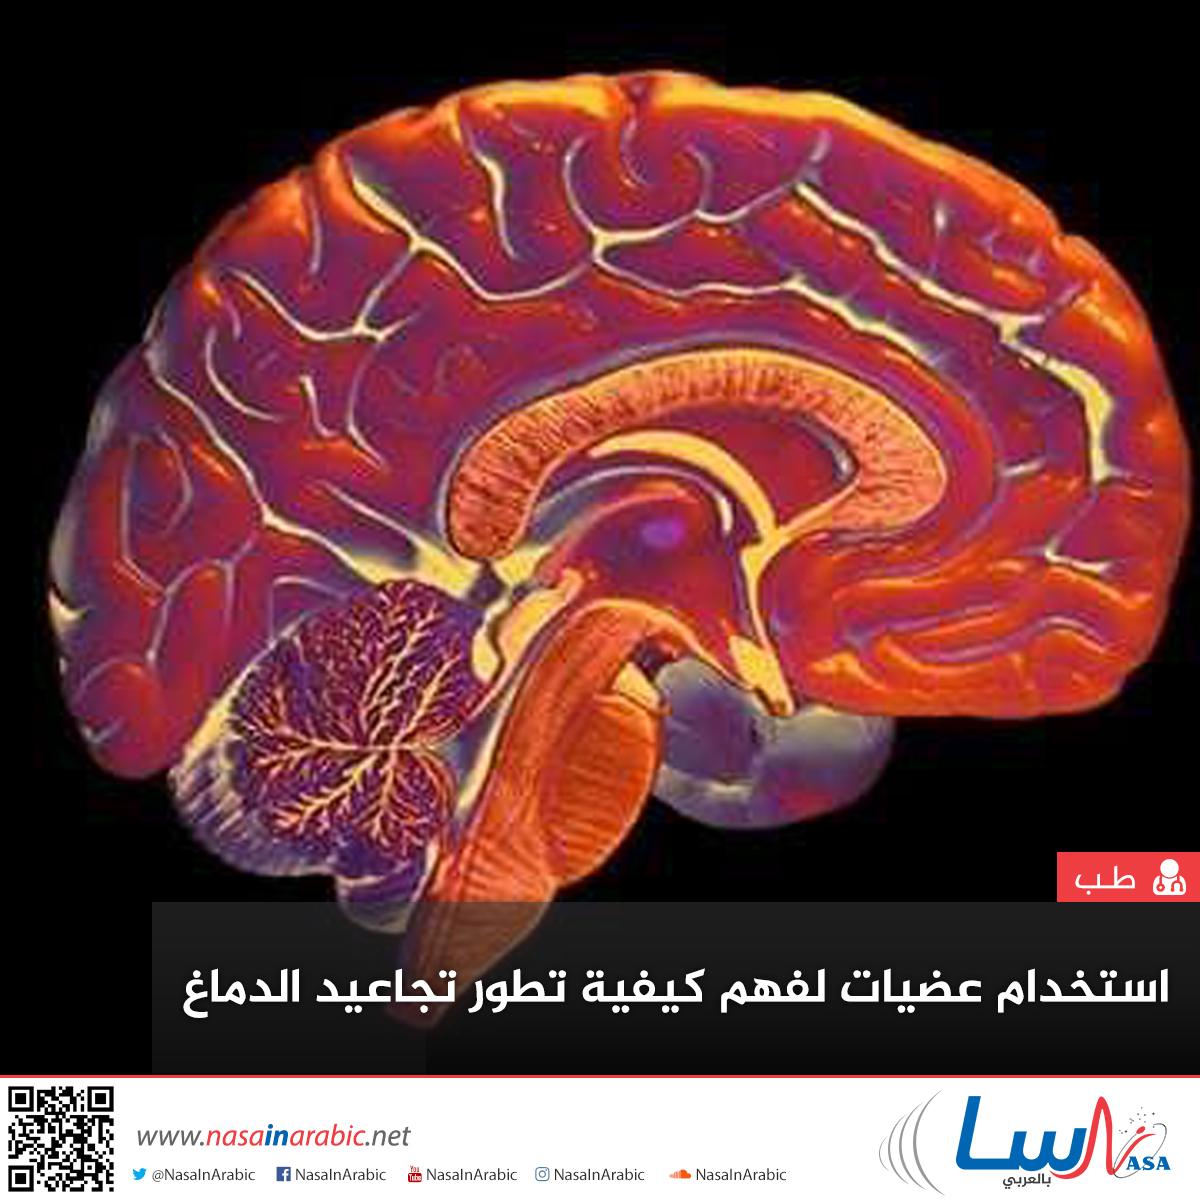 استخدام عضيات لفهم كيفية تطور تجاعيد الدماغ